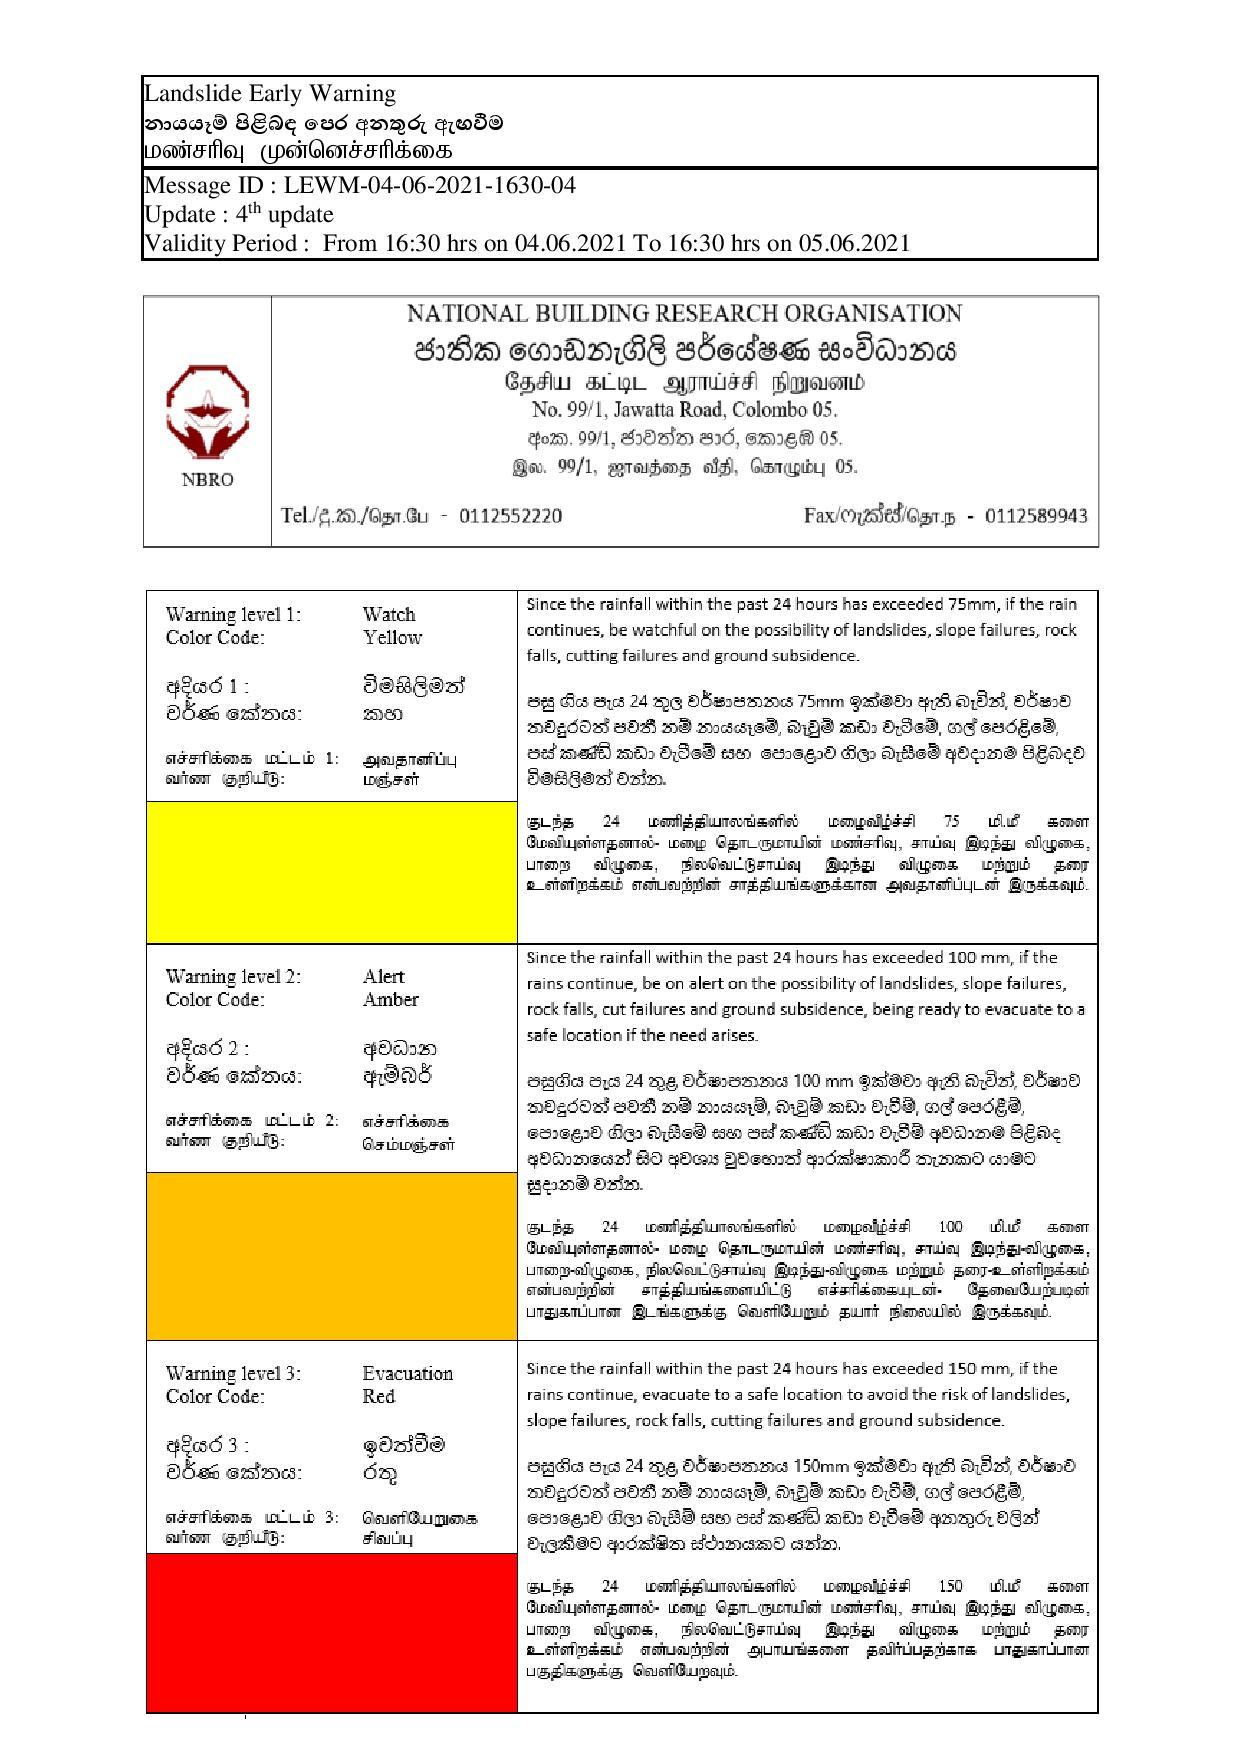 landslide warning